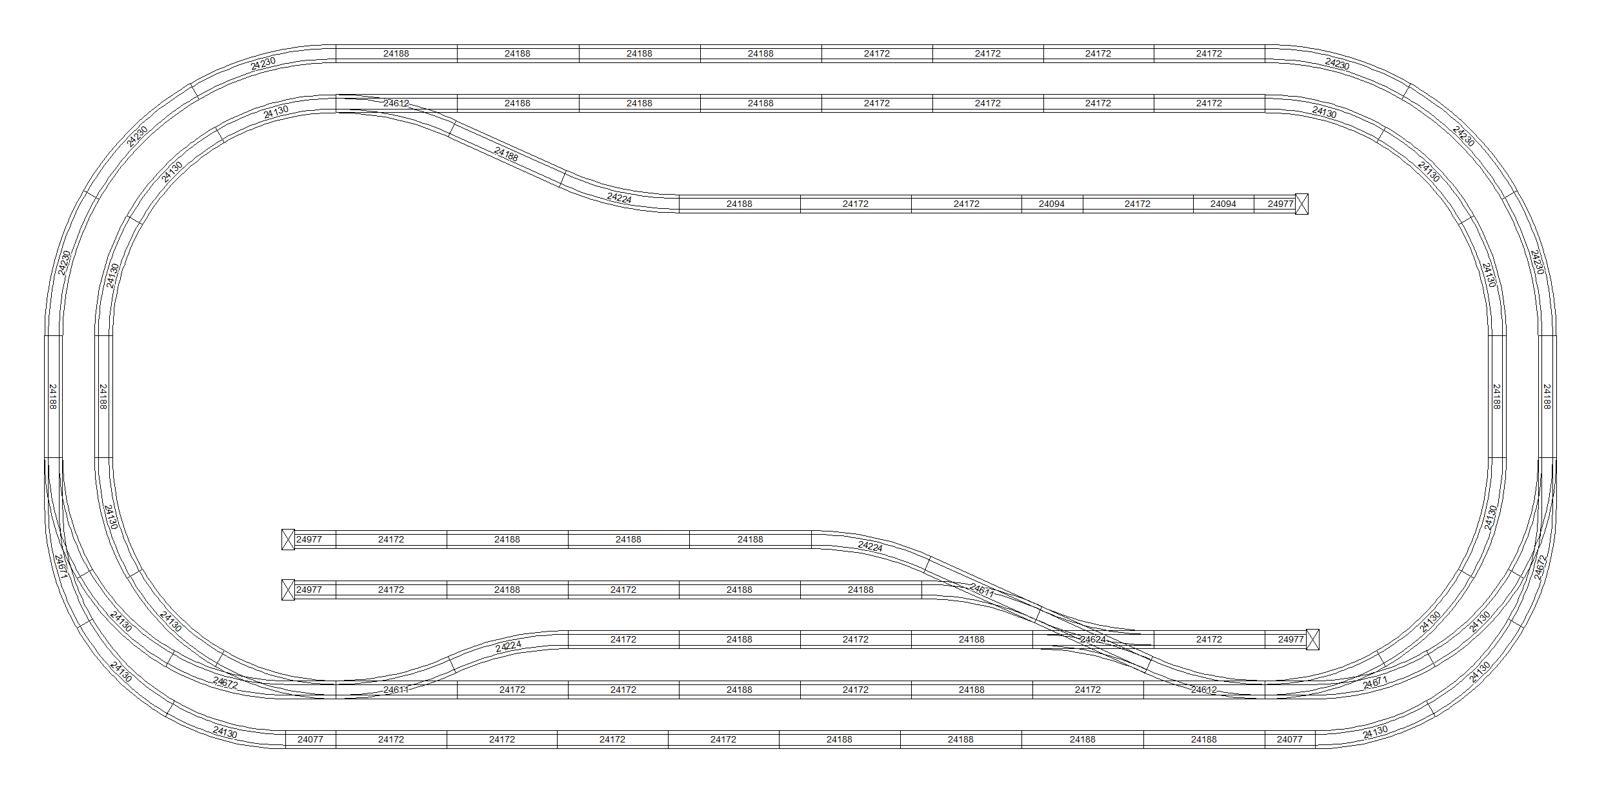 Marklin C Gleis Gleisplane Mit Scarm Erstellt